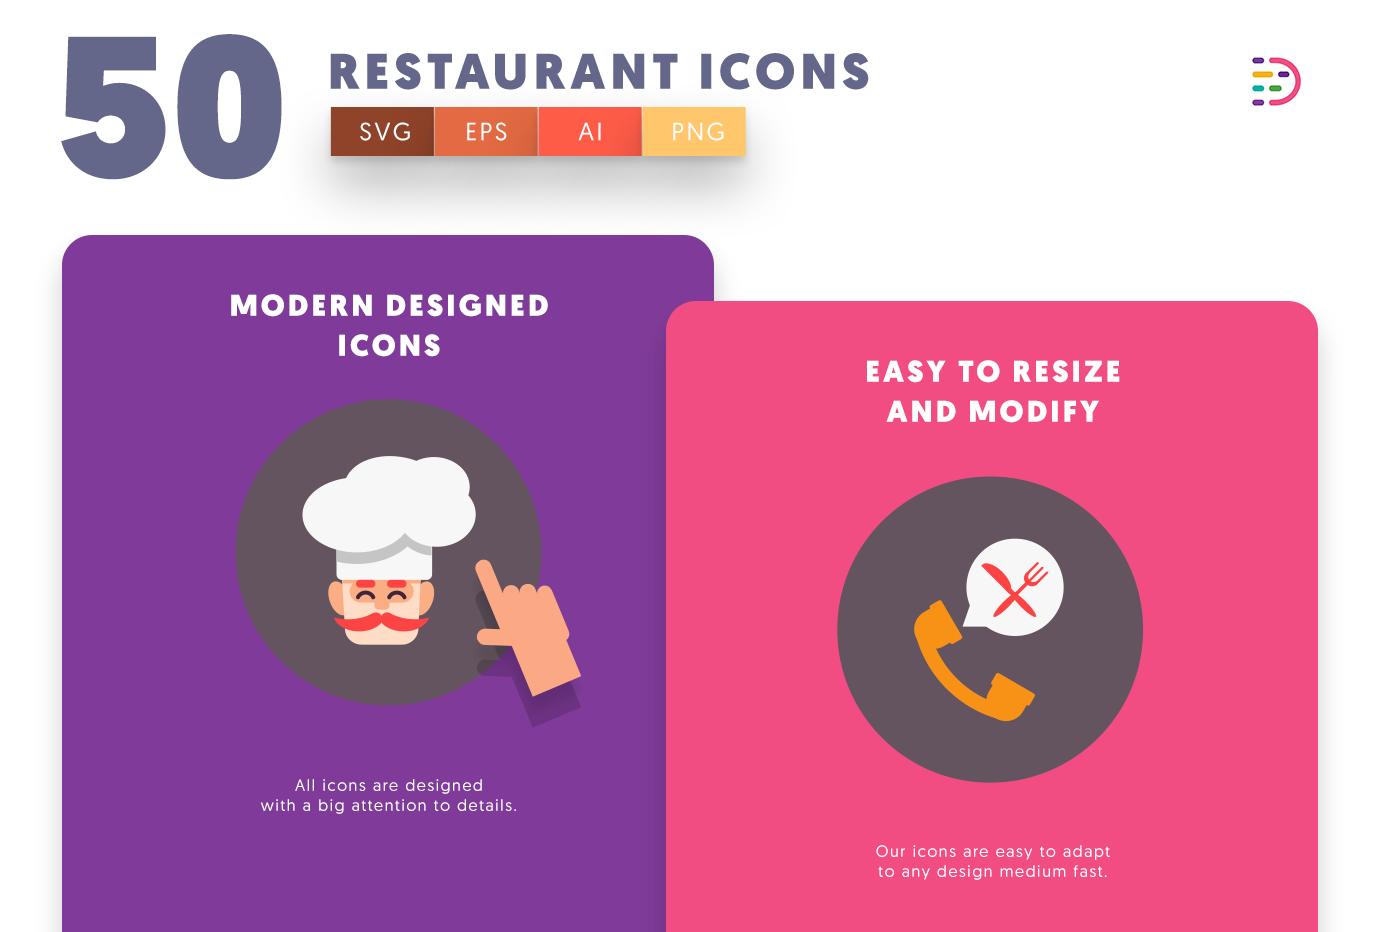 Full vector 50 Restaurant Icons